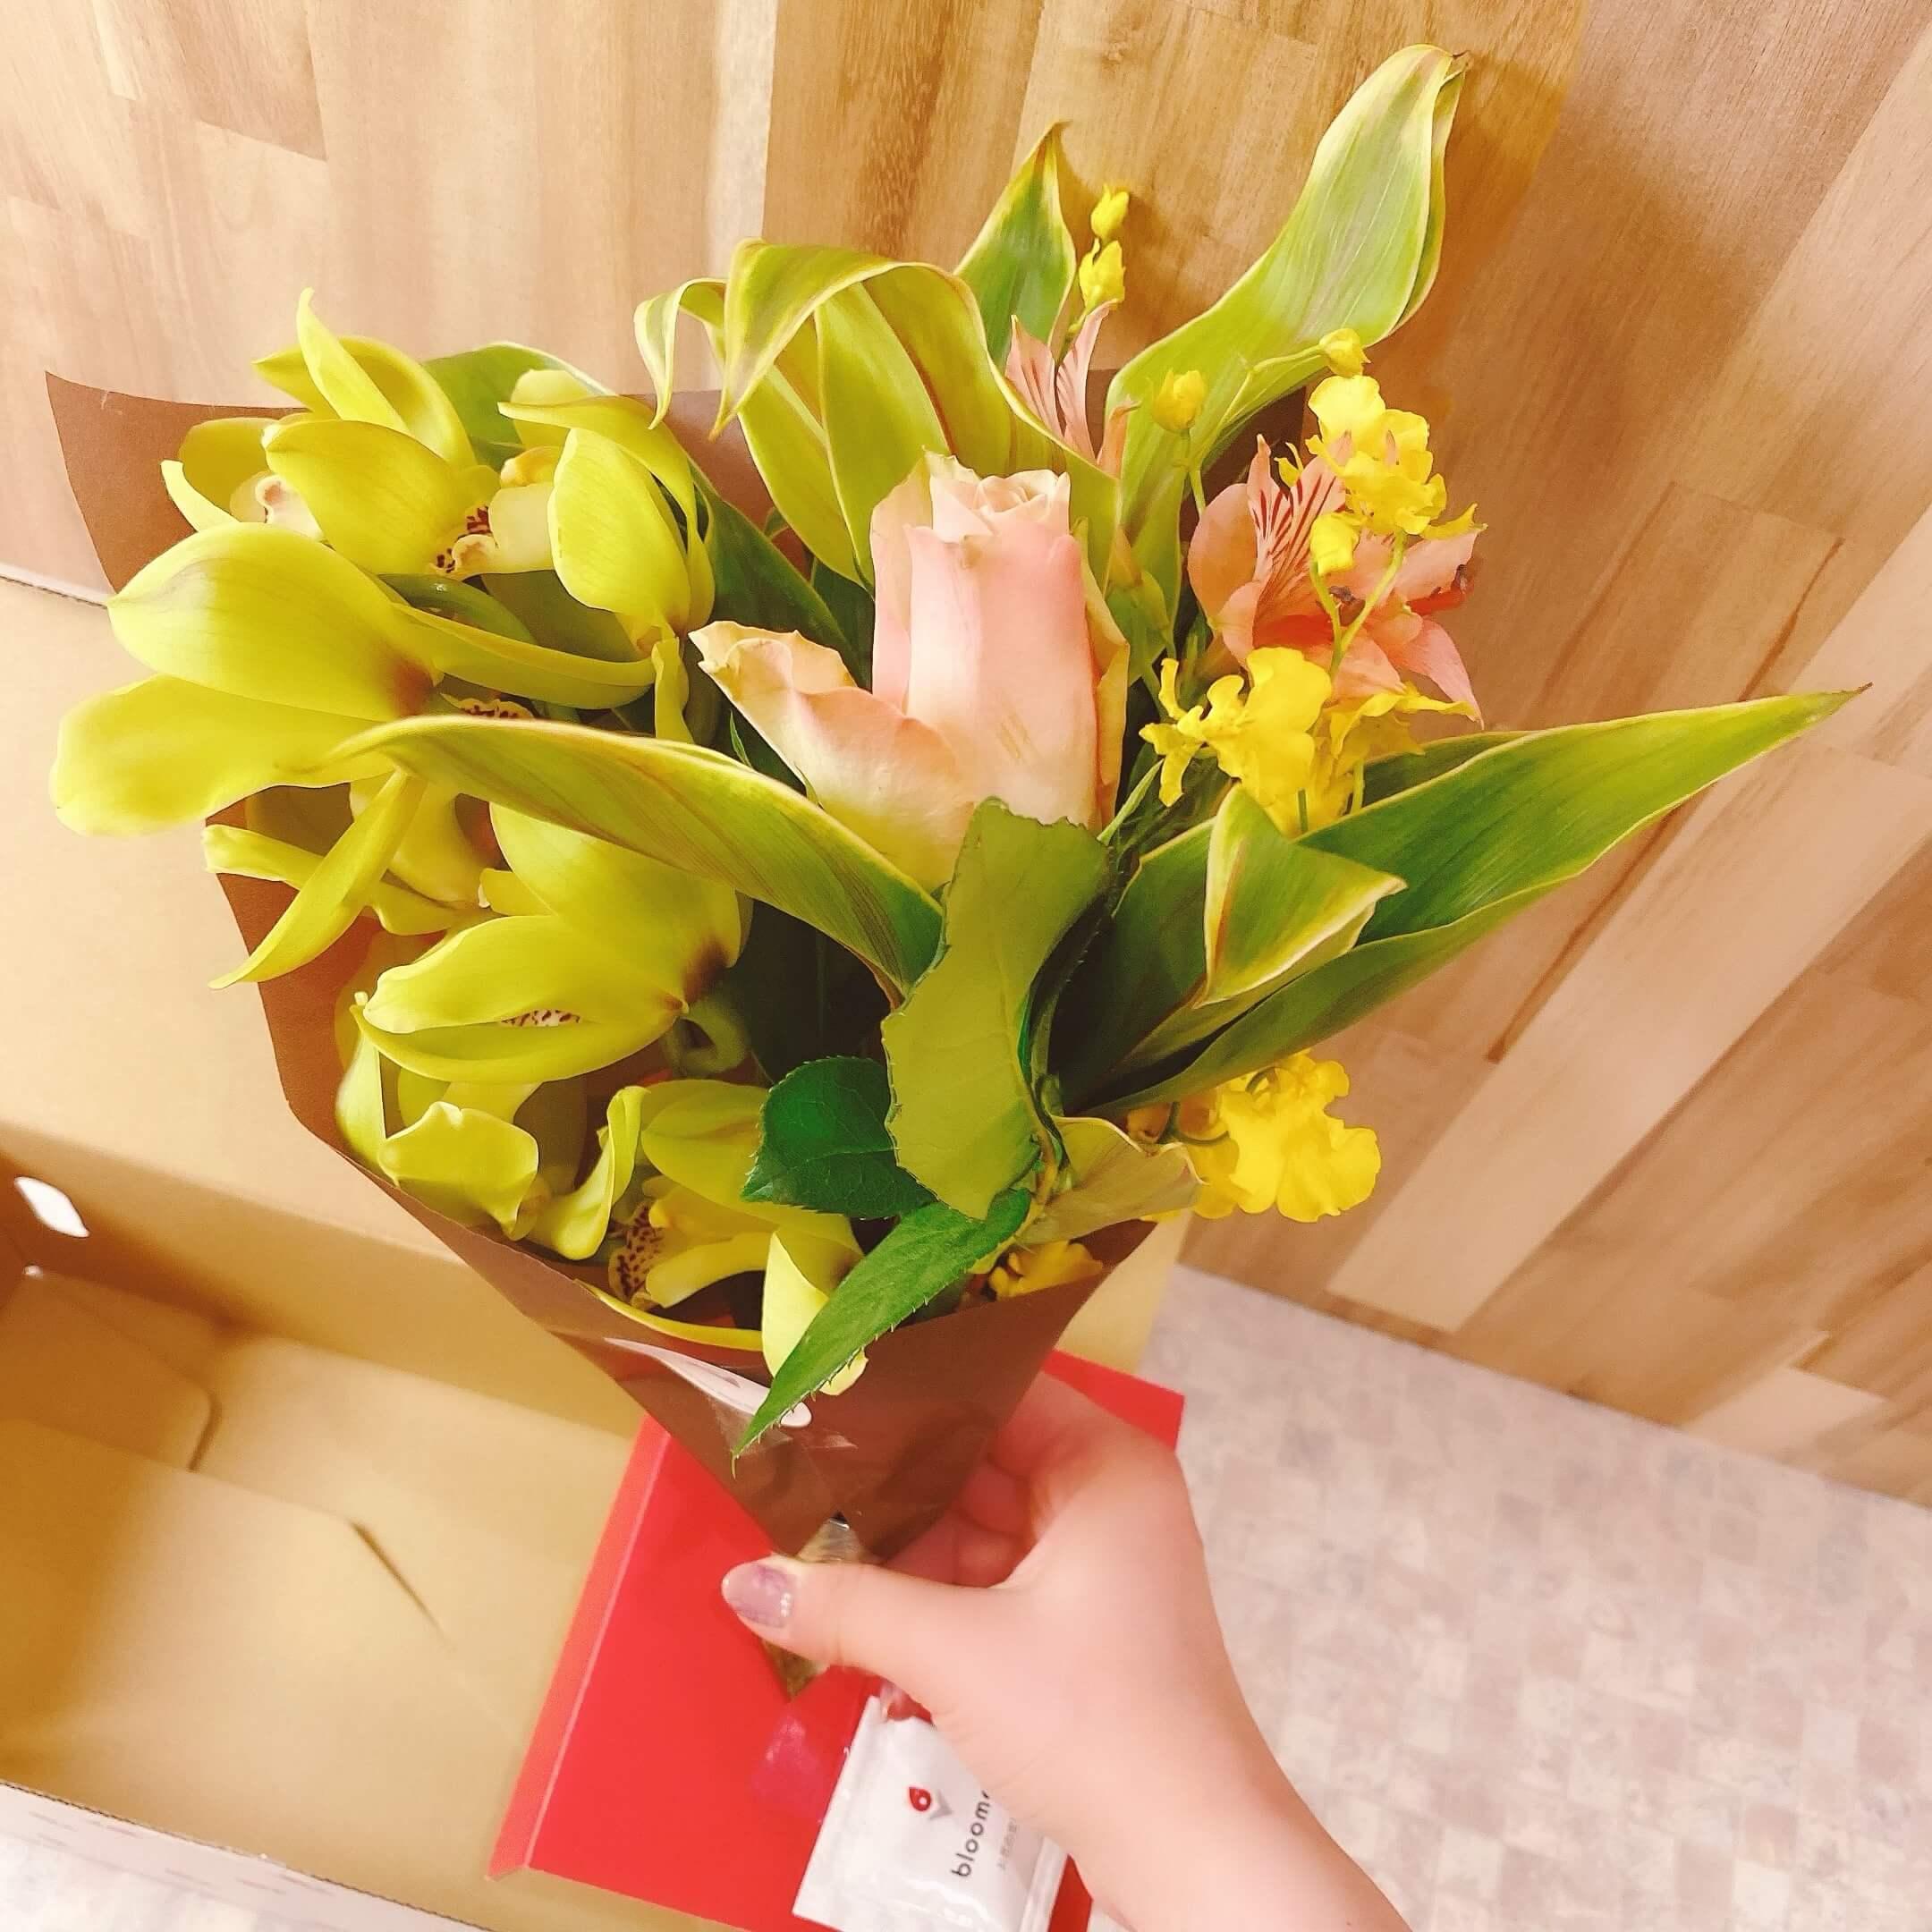 ブルーミーリッチプランのお花を取り出した様子